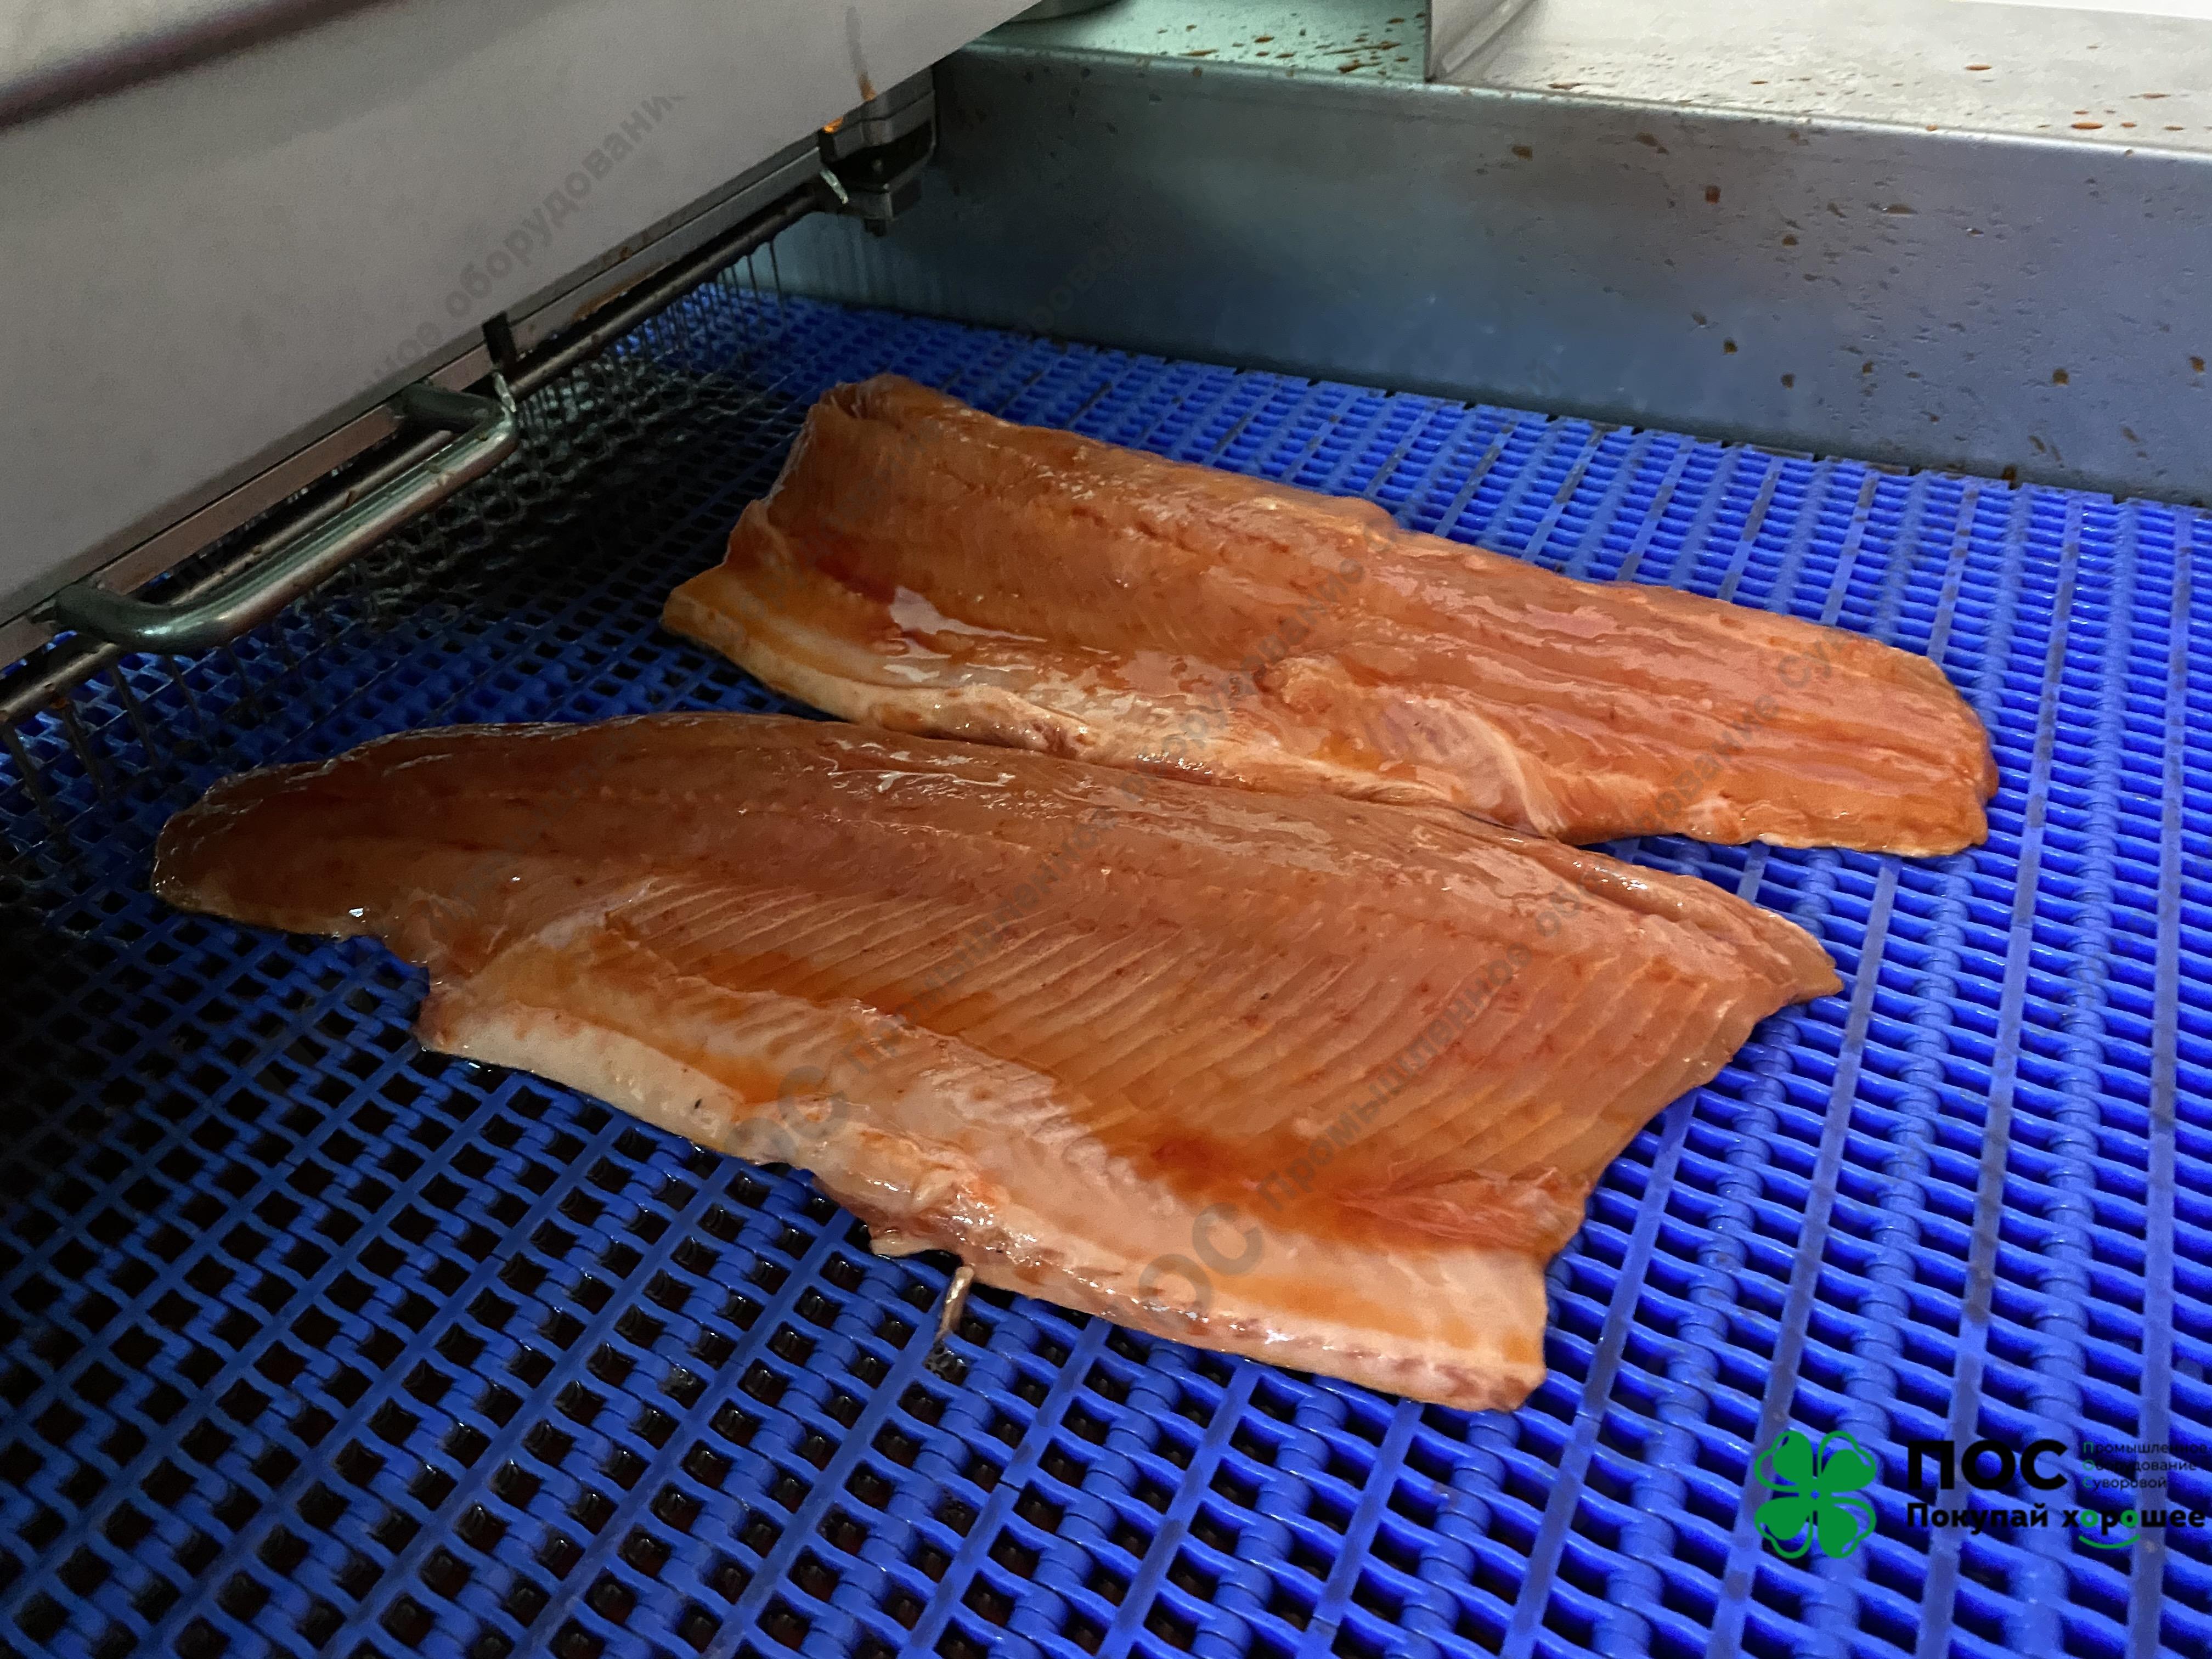 22.04.2020 / Инъектор для рыбы CHAMCO: в 1,5 раза больше прирост массы филе и 2 рабочих вместо 10. Окупаемость за 2 дня?